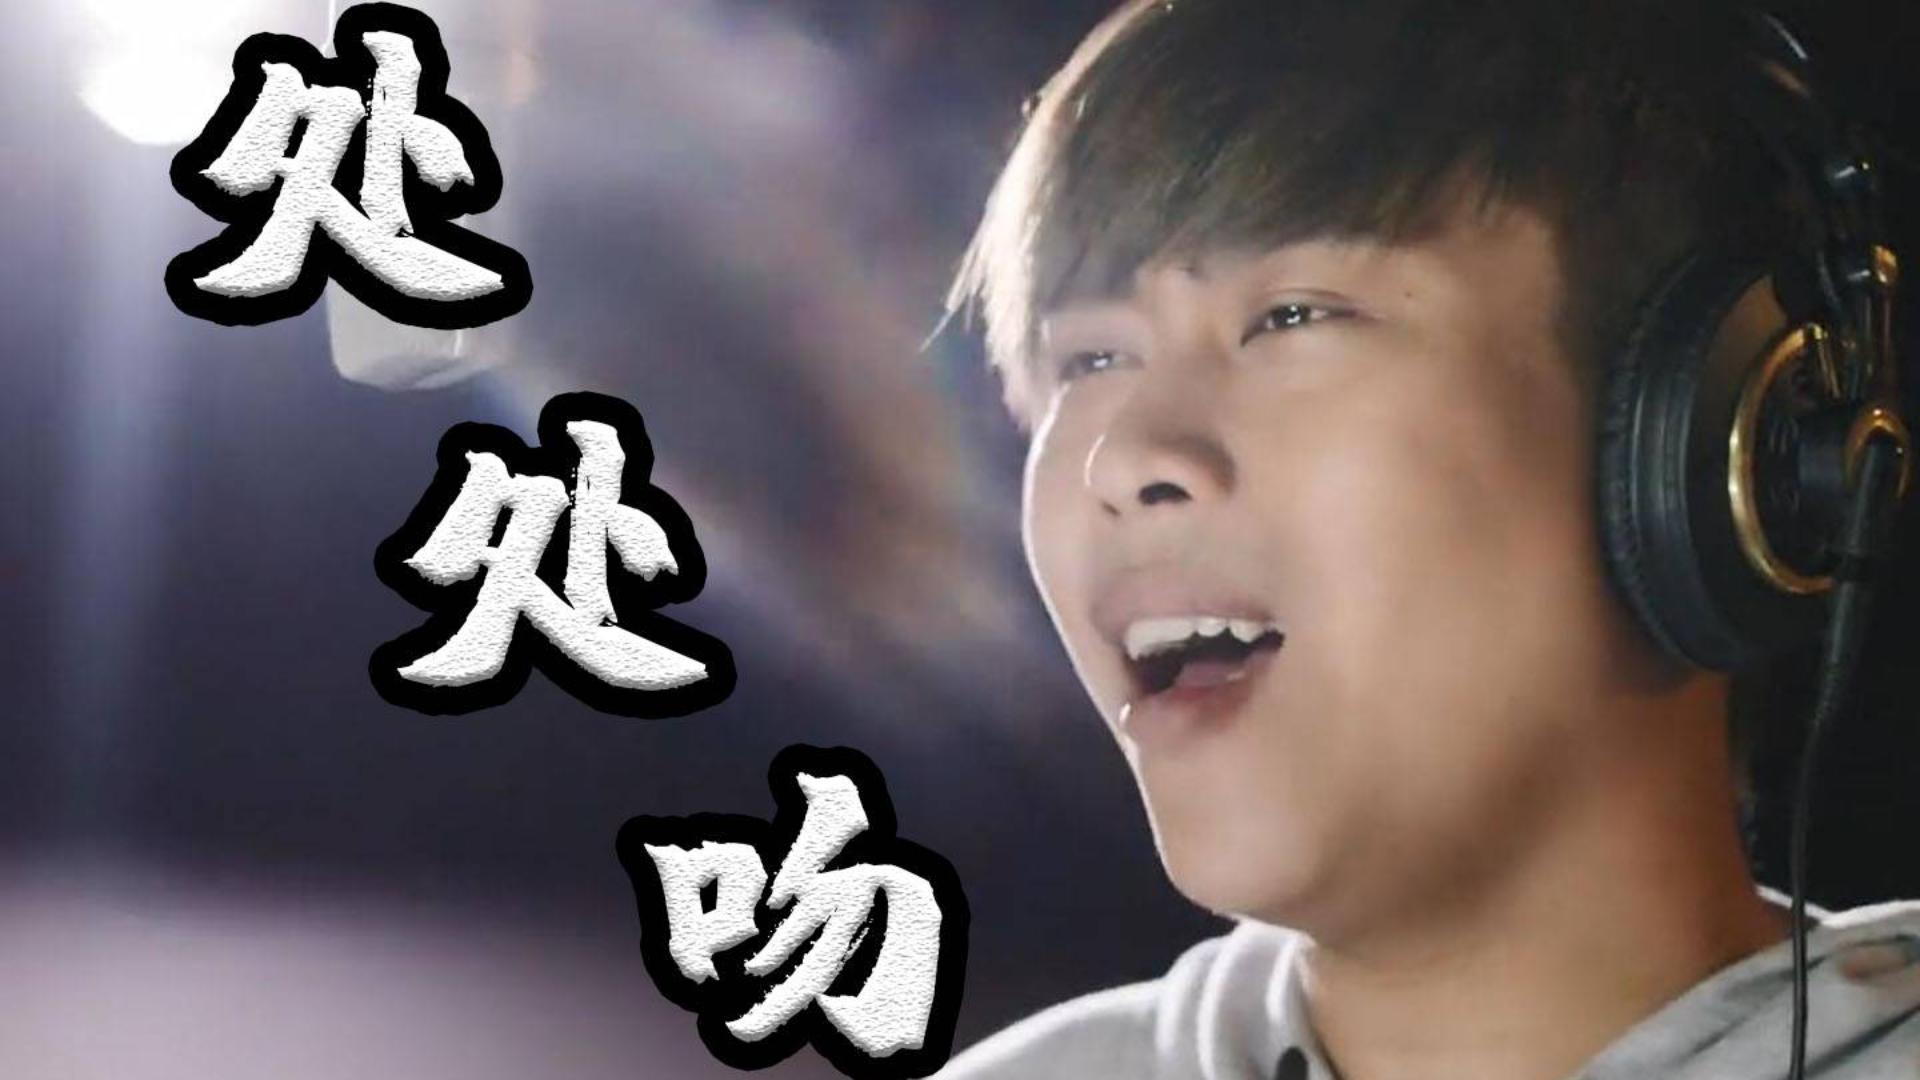 【卢本伟】处处吻 千万填词在线催泪!